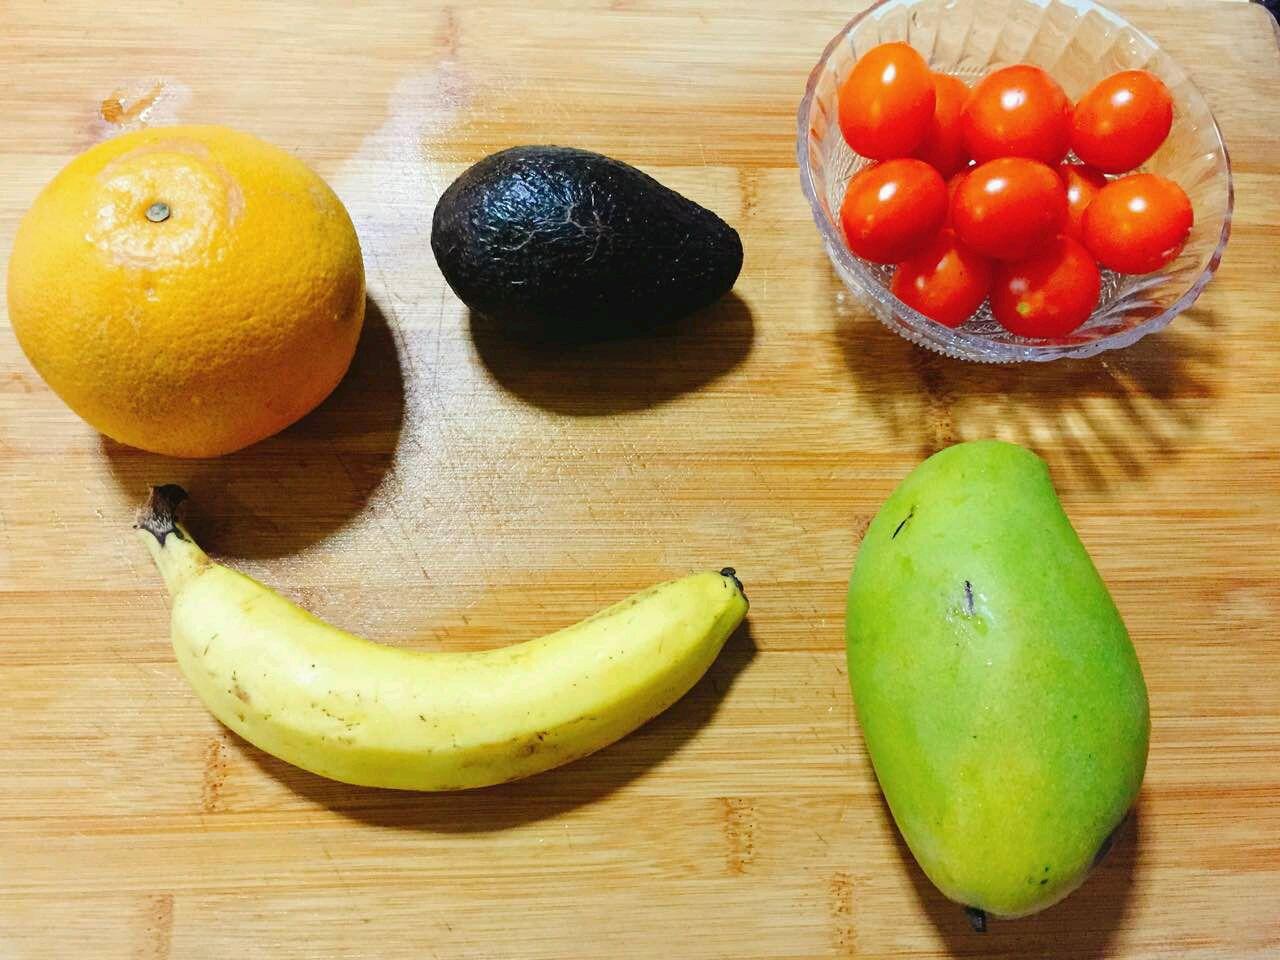 准备各种水果,清洗干净